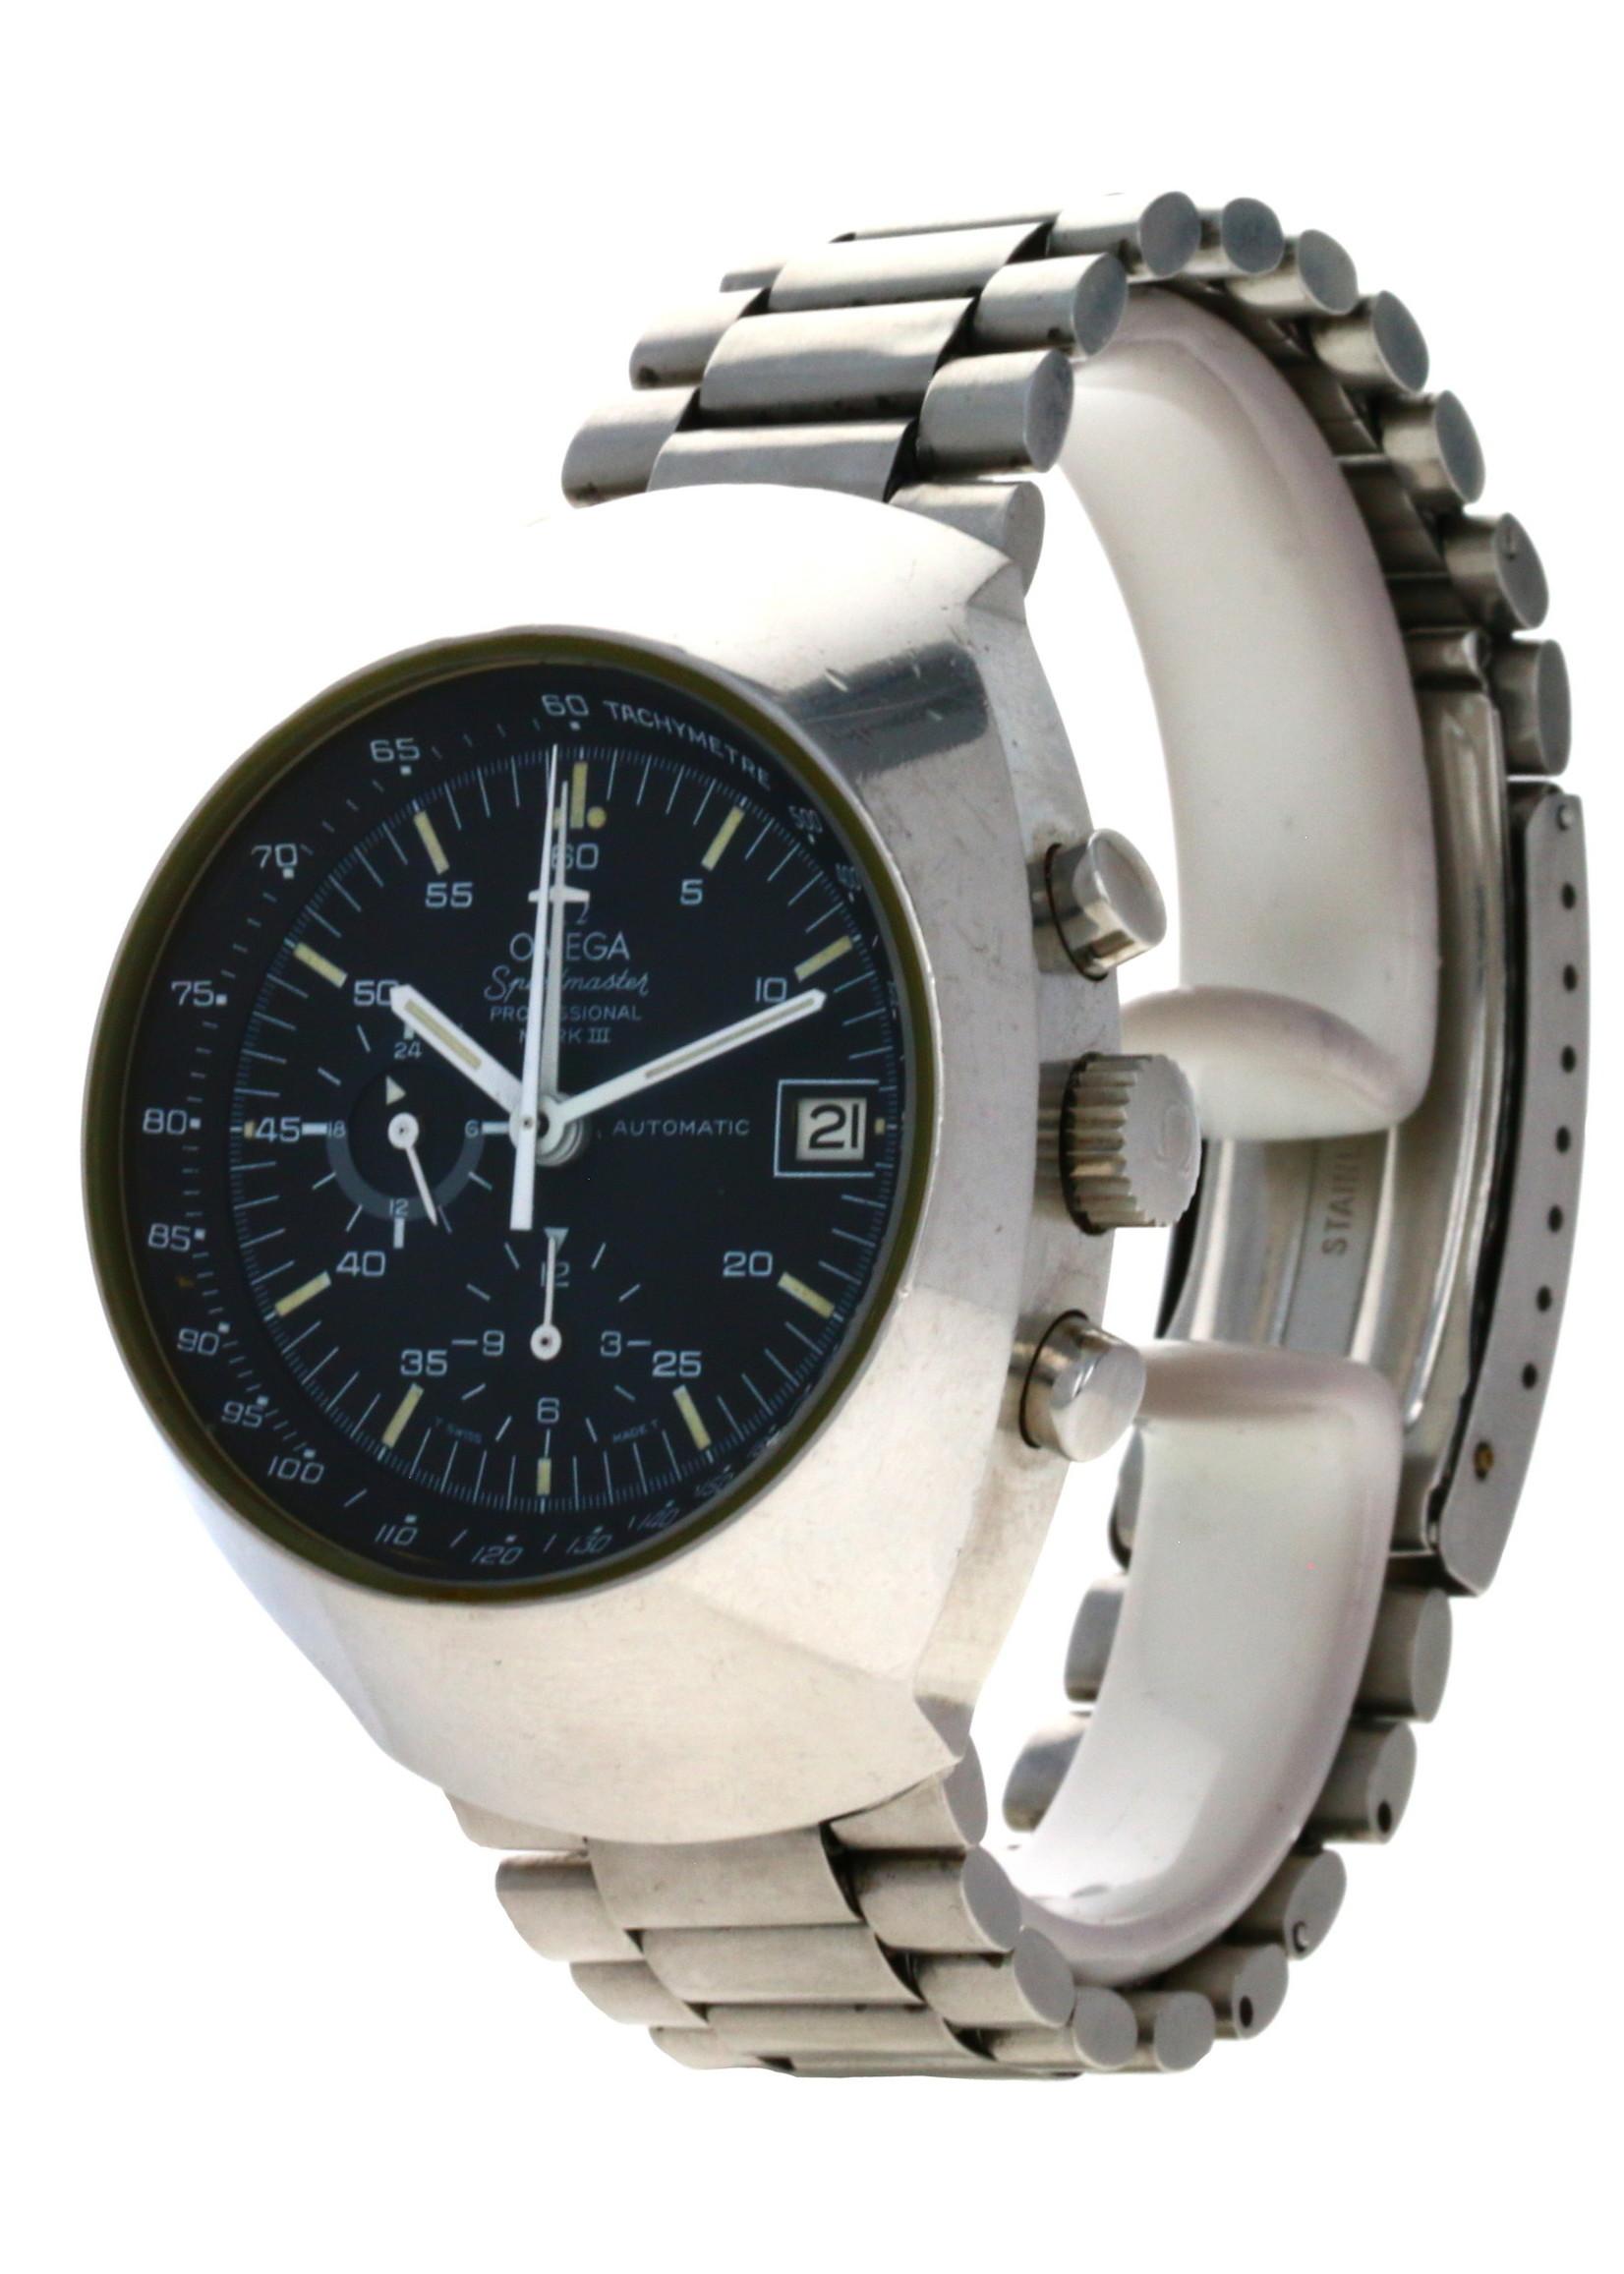 Omega Watches OMEGA SPEEDMASTER III #178.002